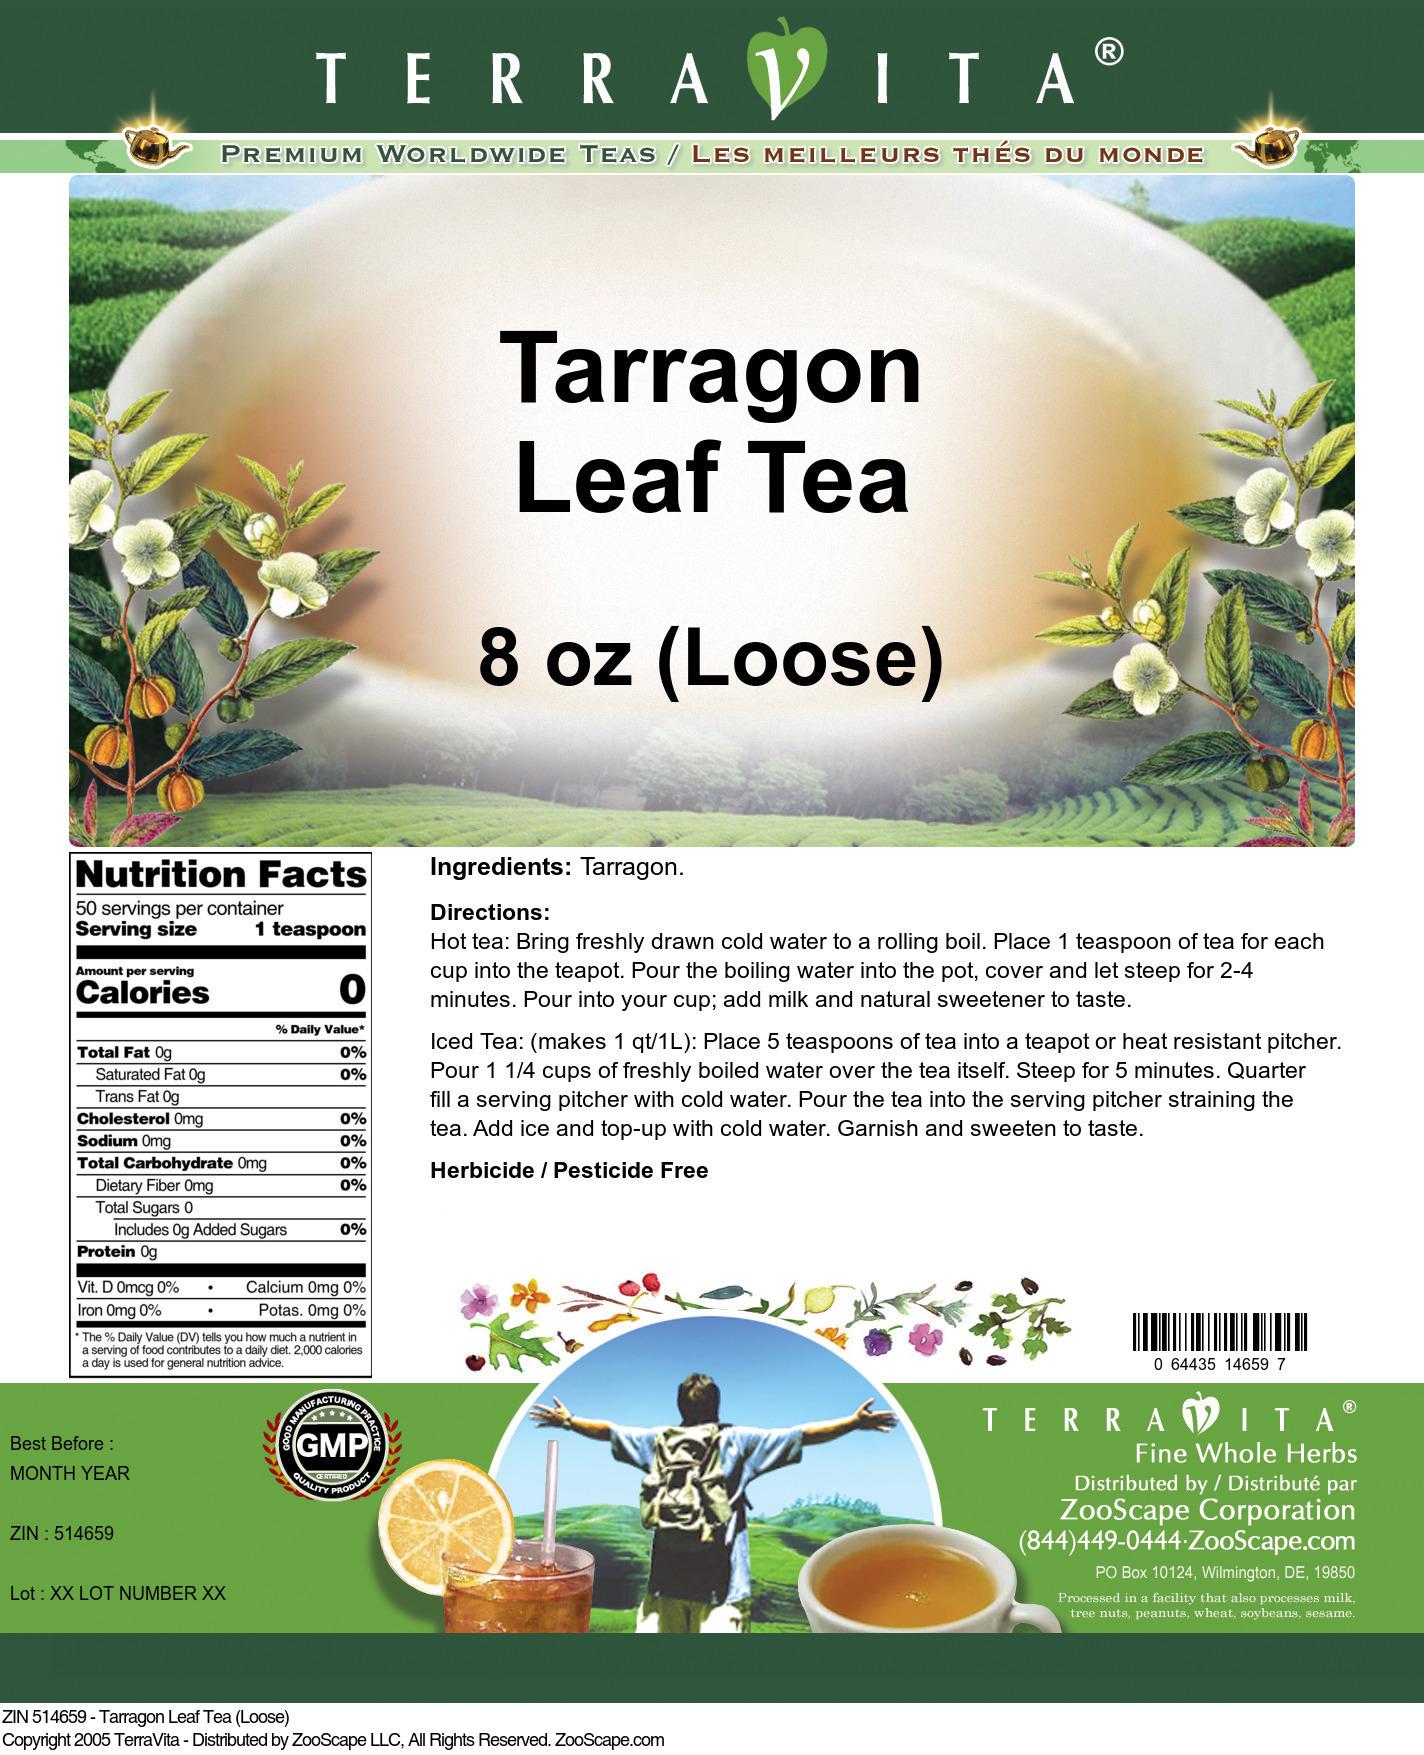 Tarragon Leaf Tea (Loose)